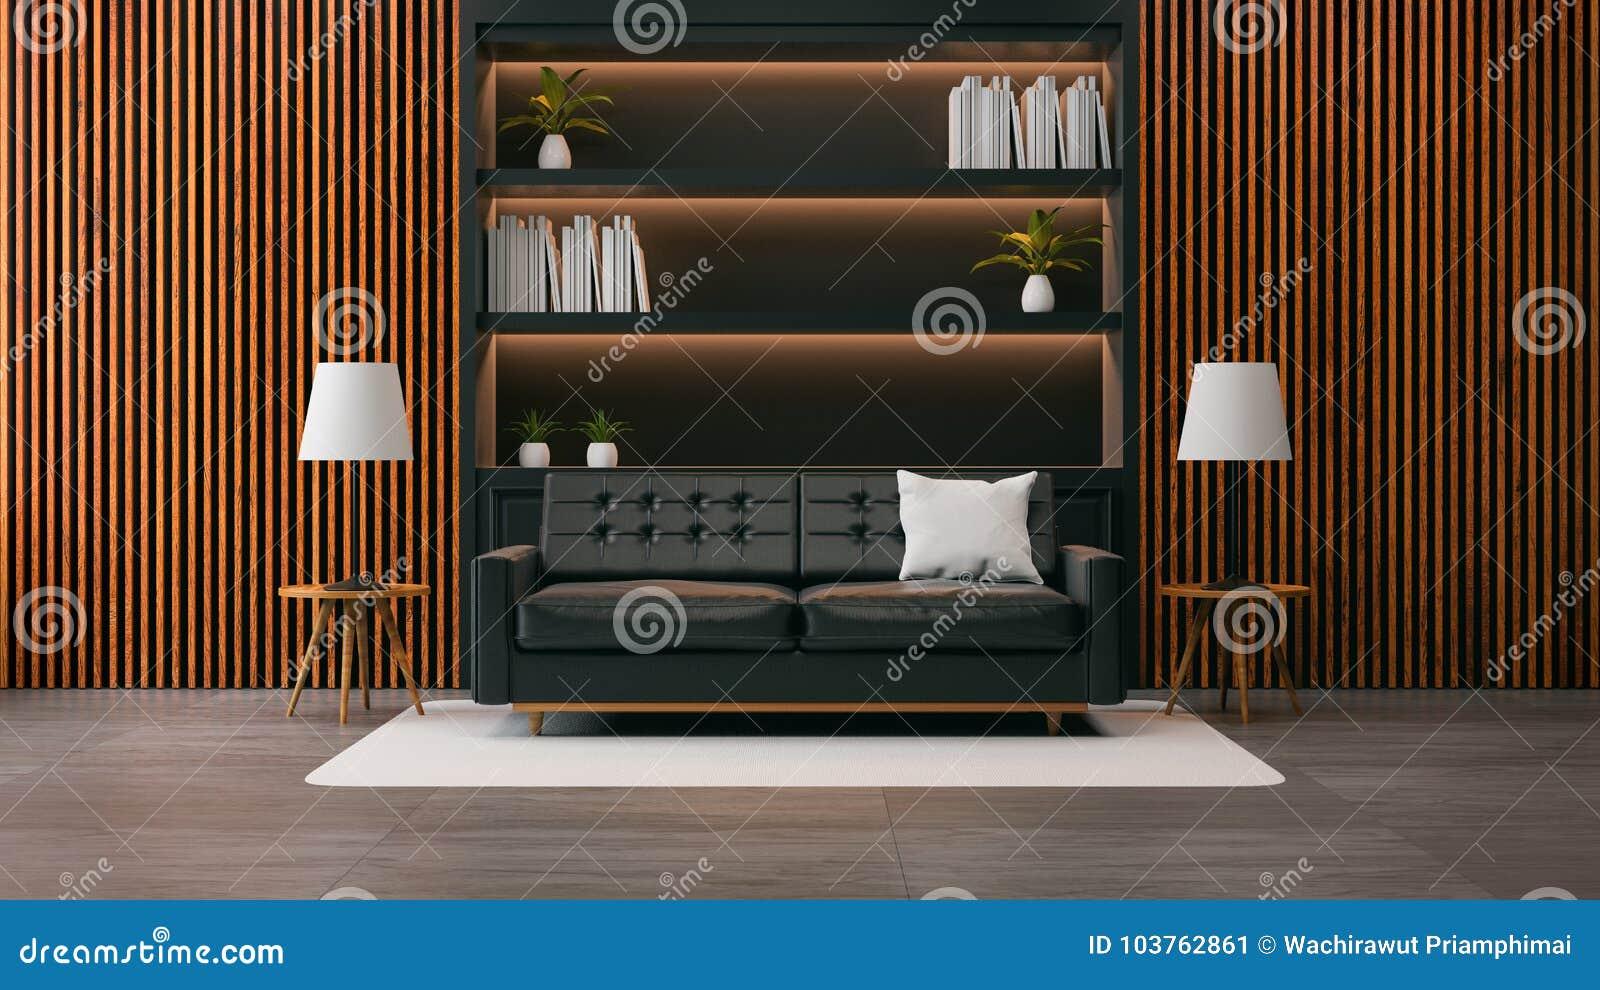 Το σύγχρονο εσωτερικό σχέδιο καθιστικών σοφιτών, ο μαύρος καναπές με τη μαύρη βιβλιοθήκη και ο παλαιός ξύλινος τοίχος το /3d δίνο